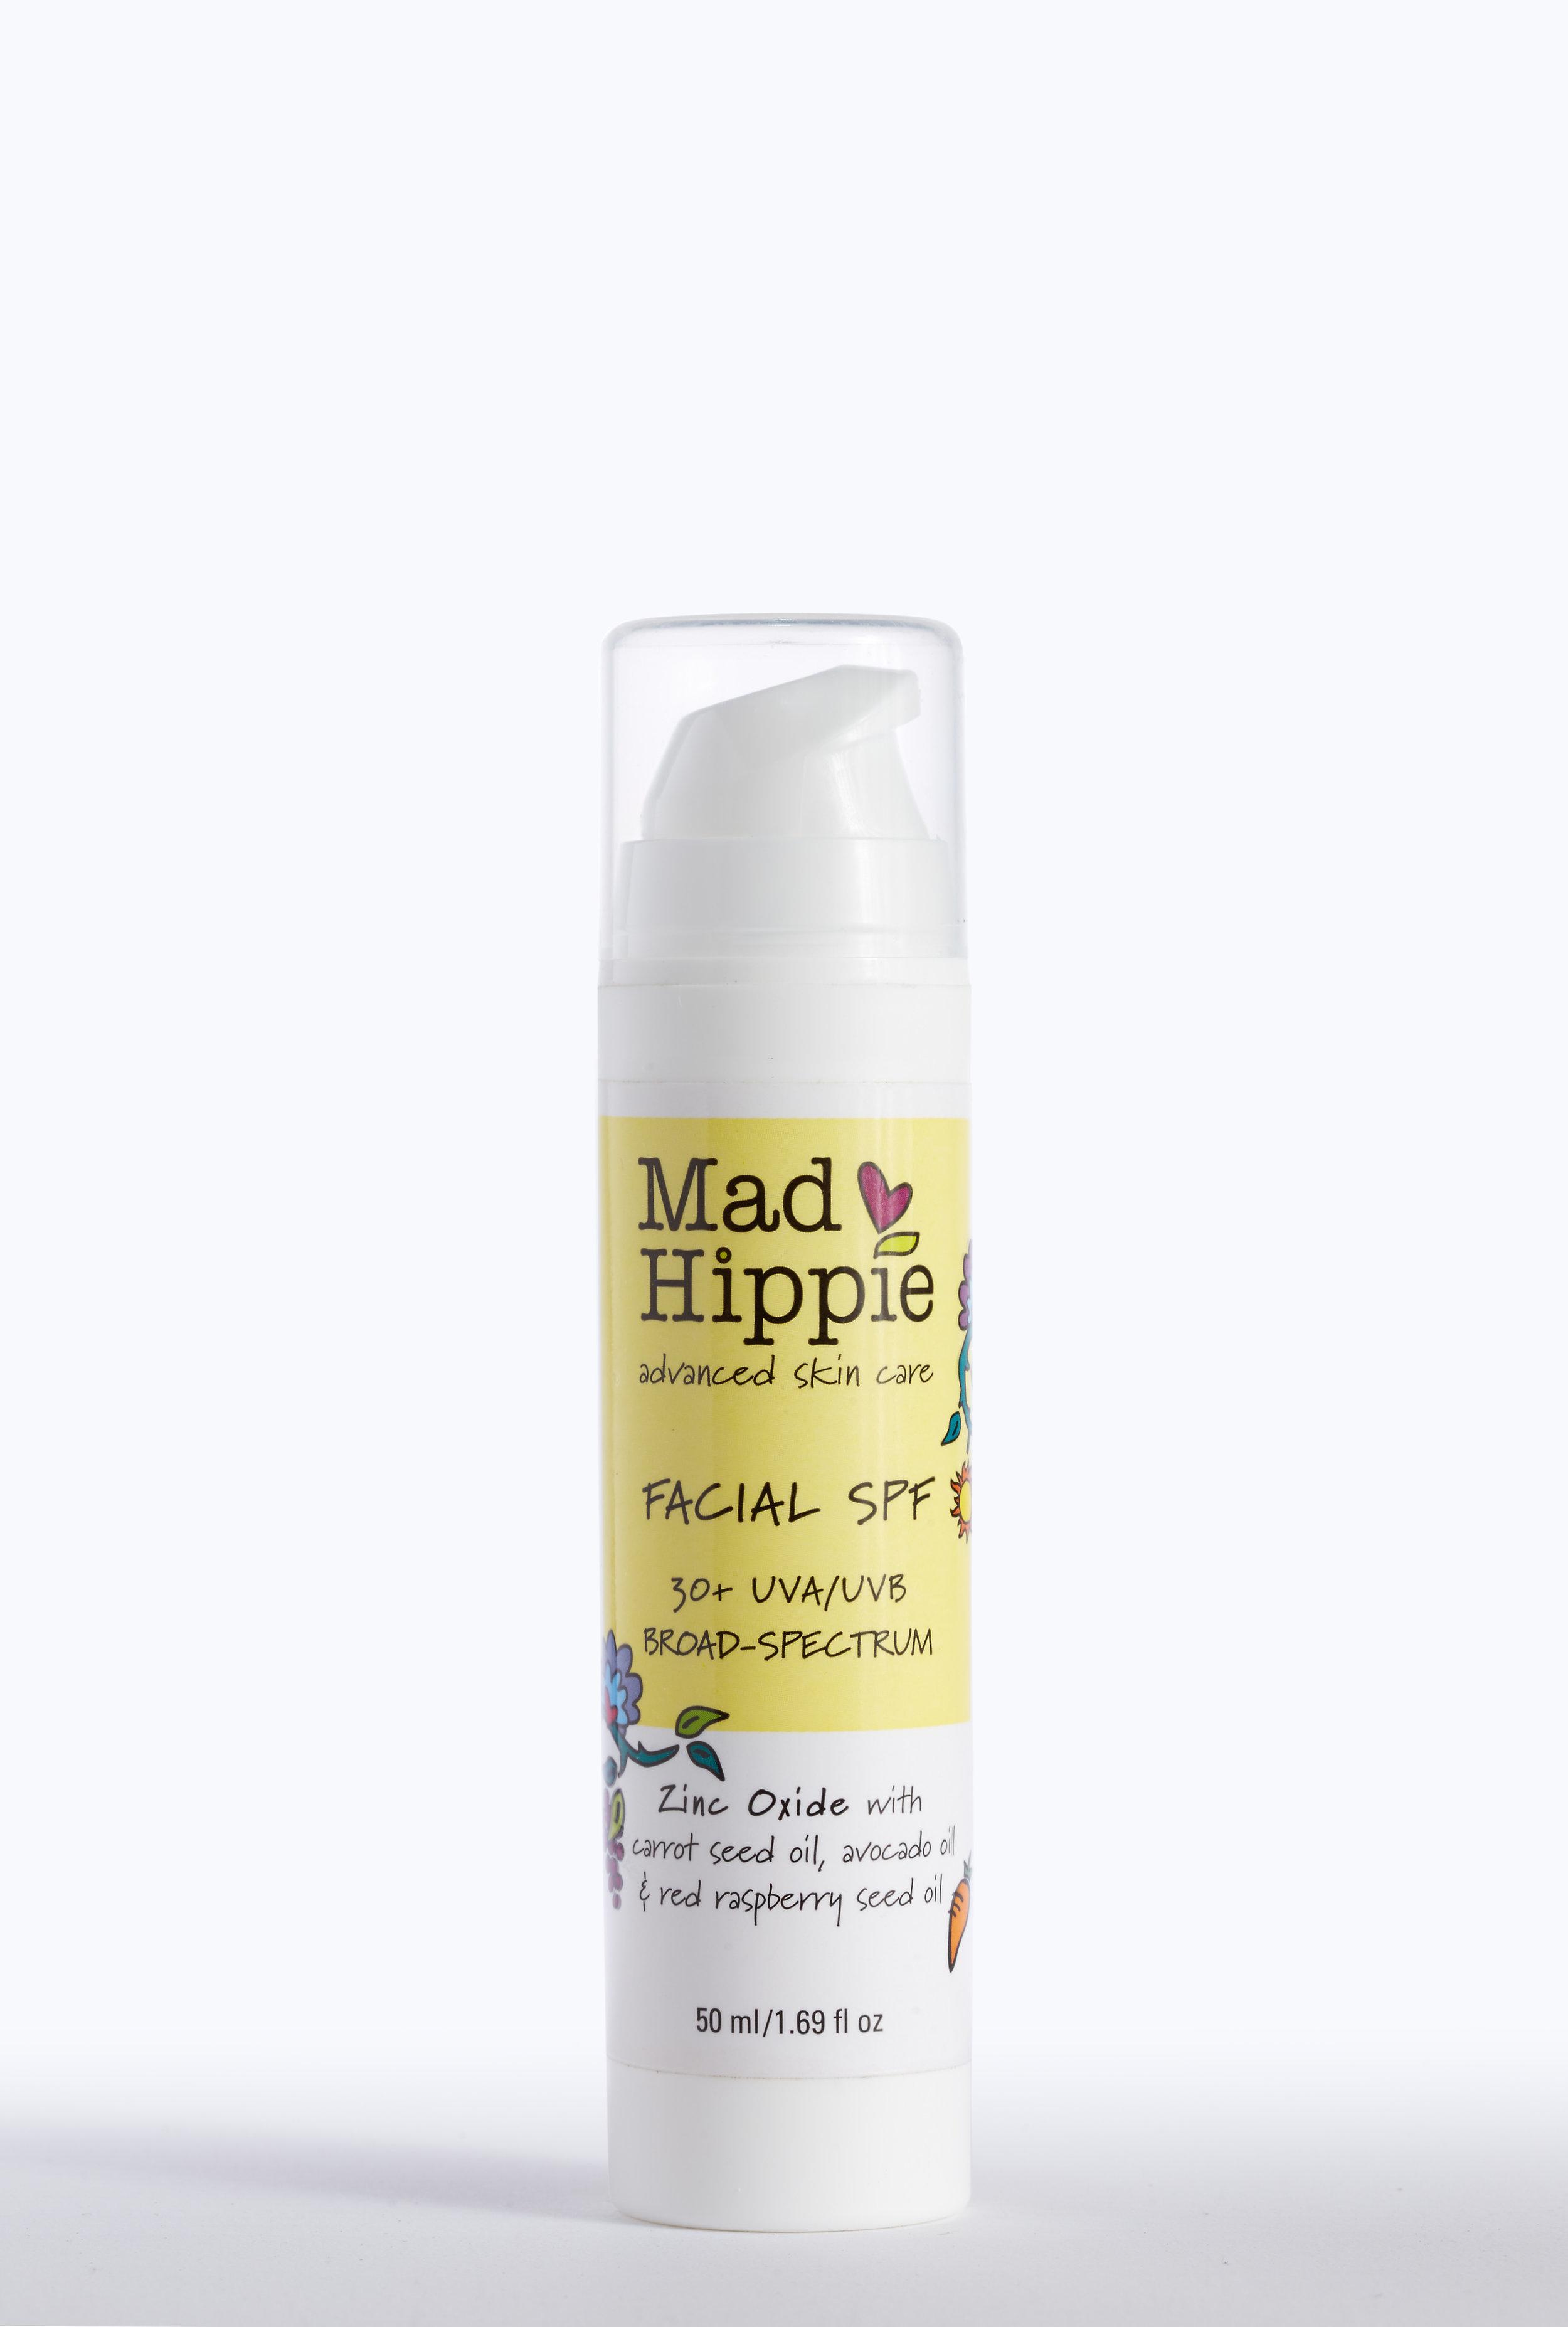 Mad Hippie - 02.jpg